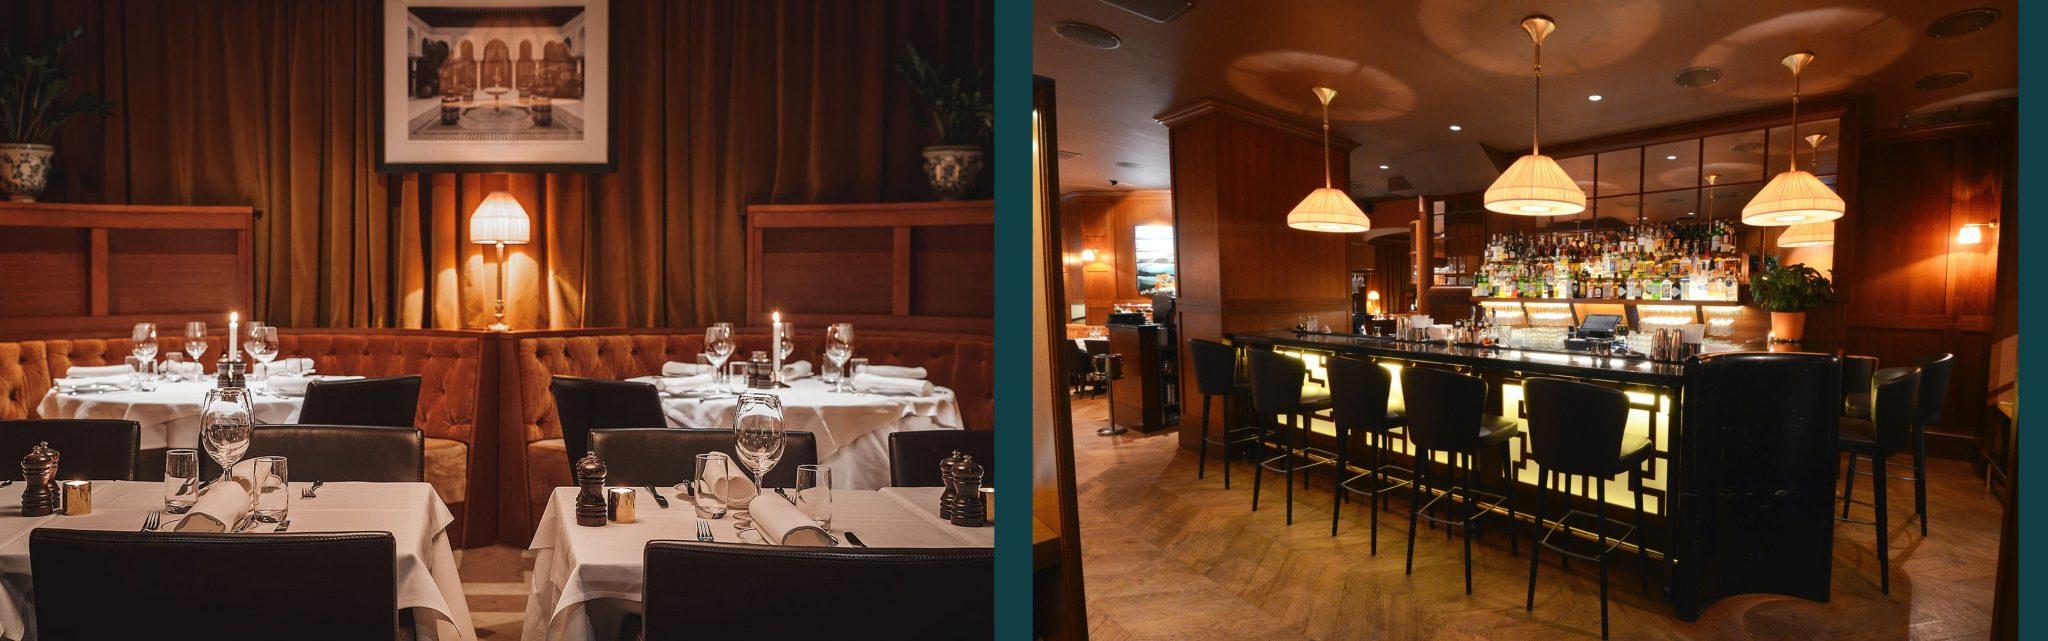 Restaurang- och bardel i Bardot, designad av arkitekterna på Rex